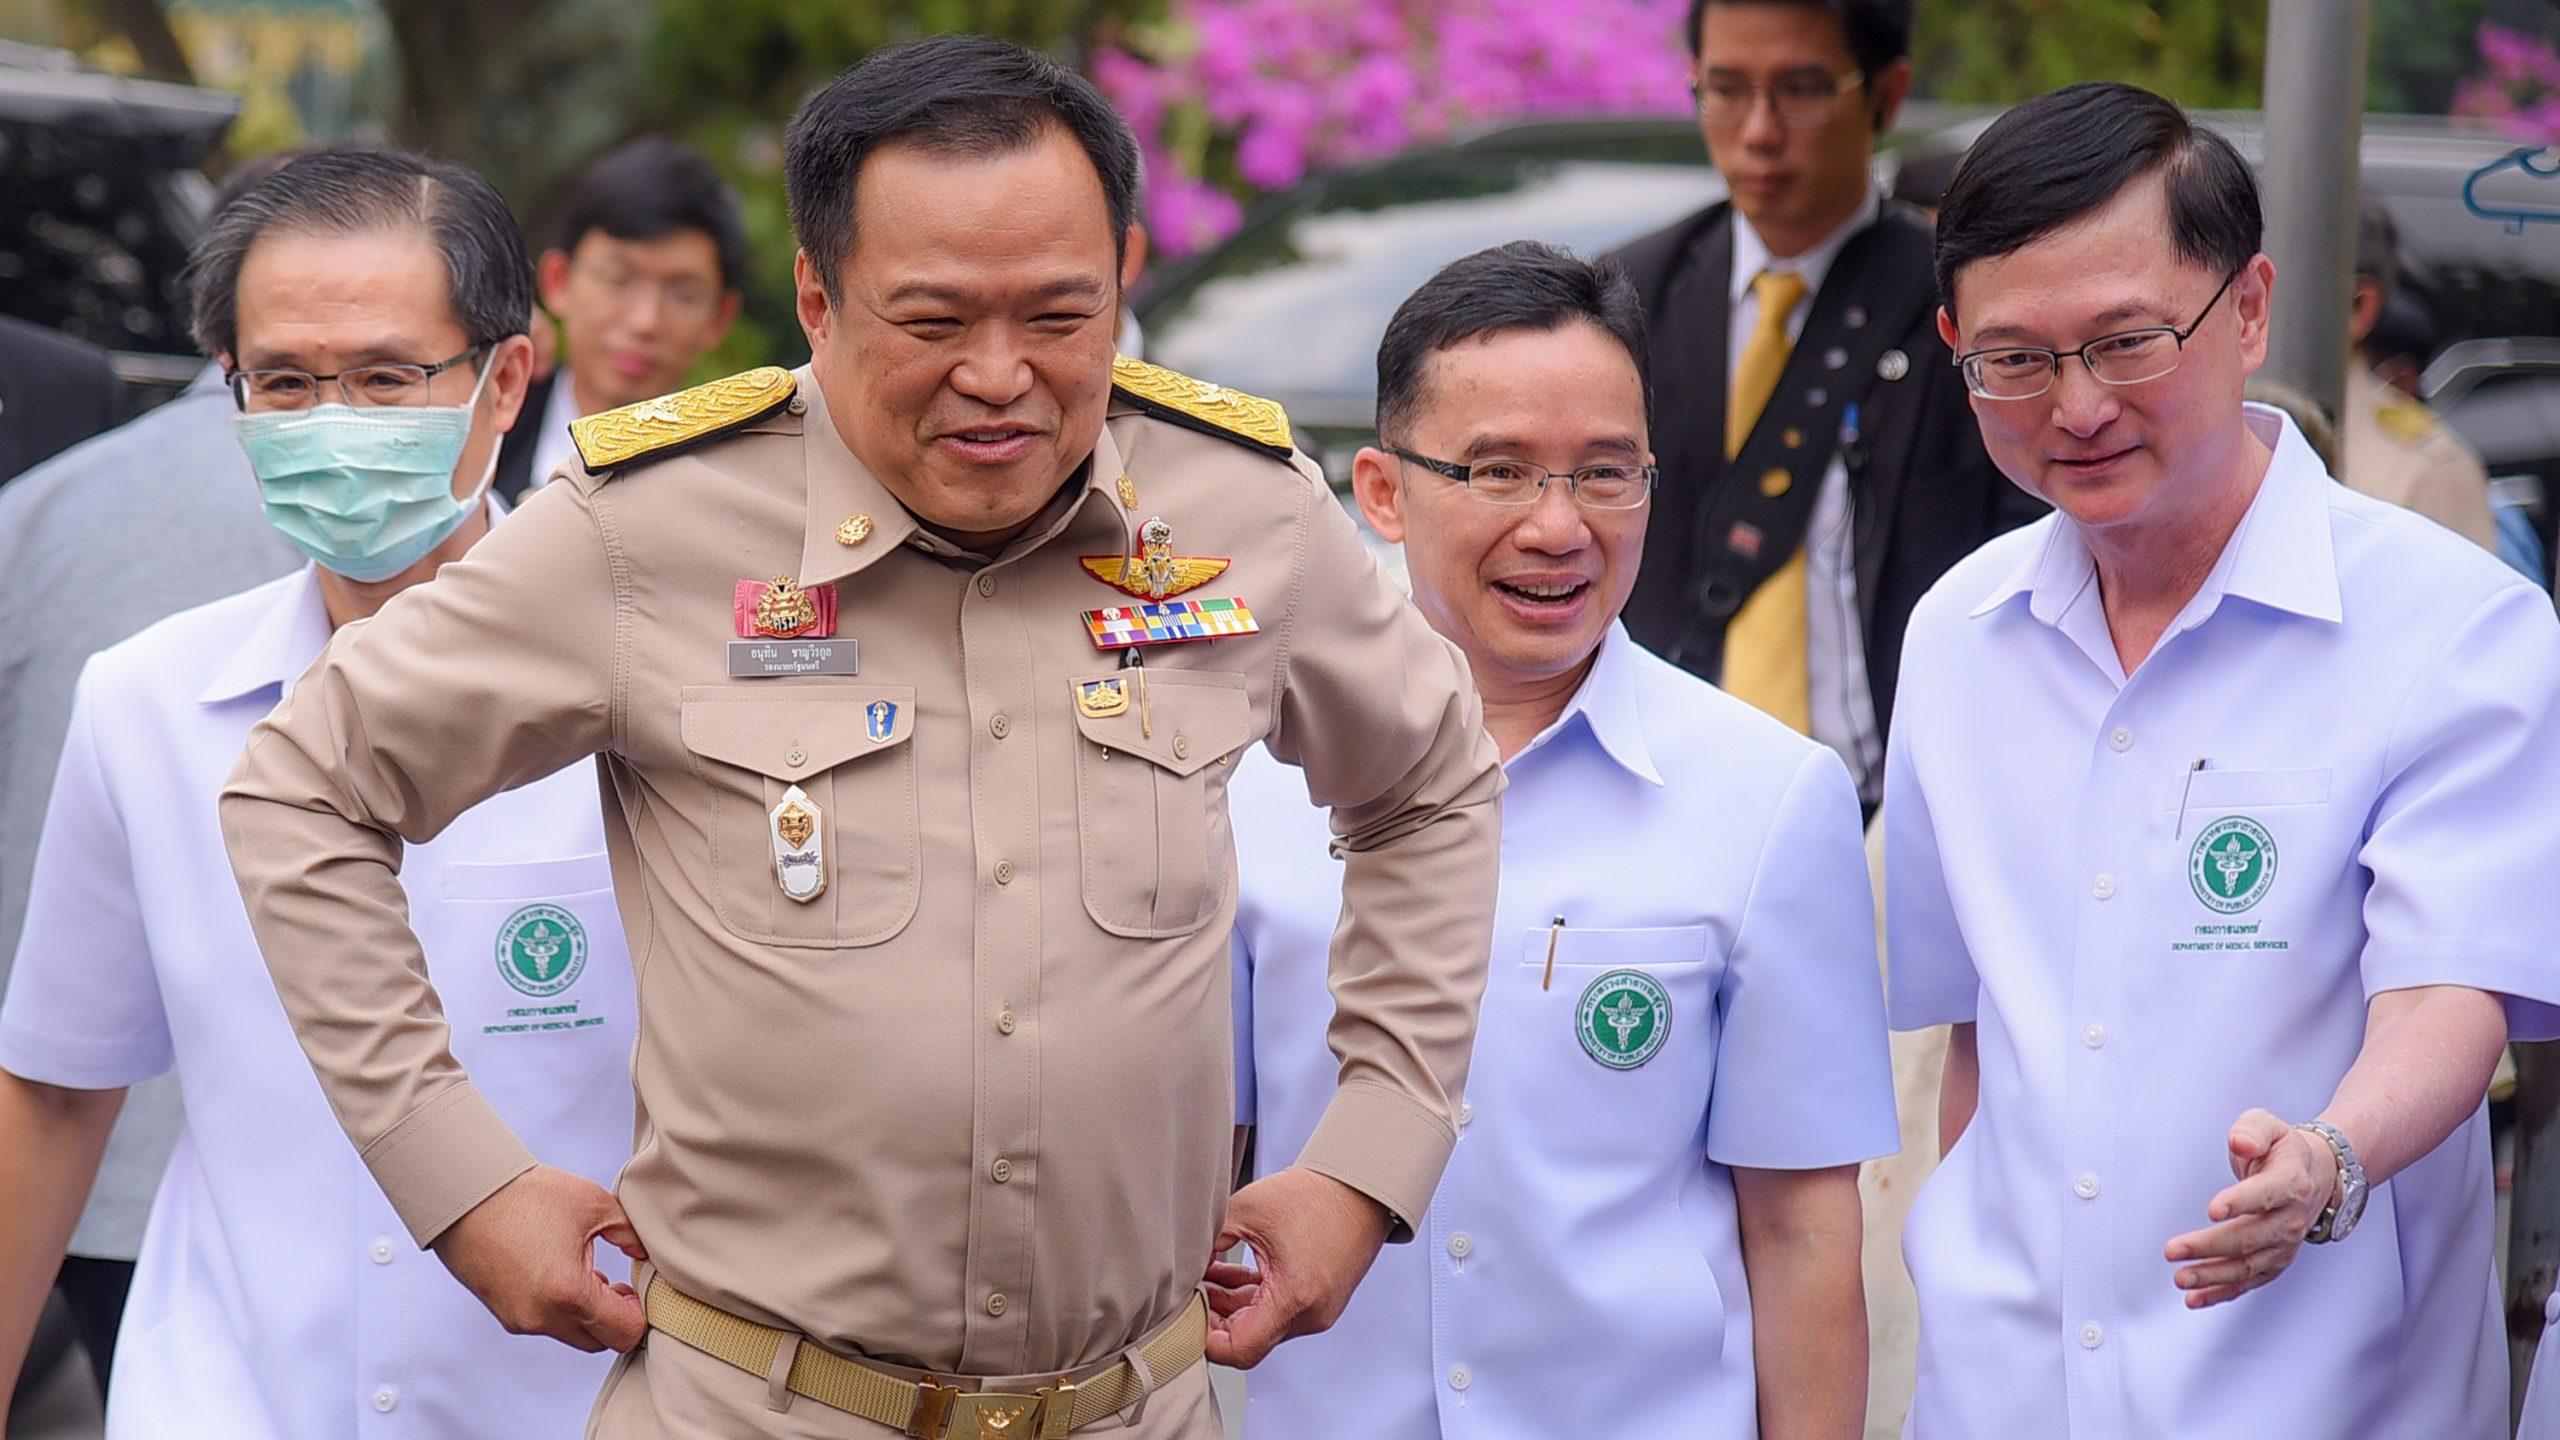 อนุทิน อุบสถานที่กักตัวคนไทย หลังรับตัวกลับจากอู่ฮั่น ย้ำไวรัสโคโรนาจะไม่แพร่จากคนกลุ่มนี้